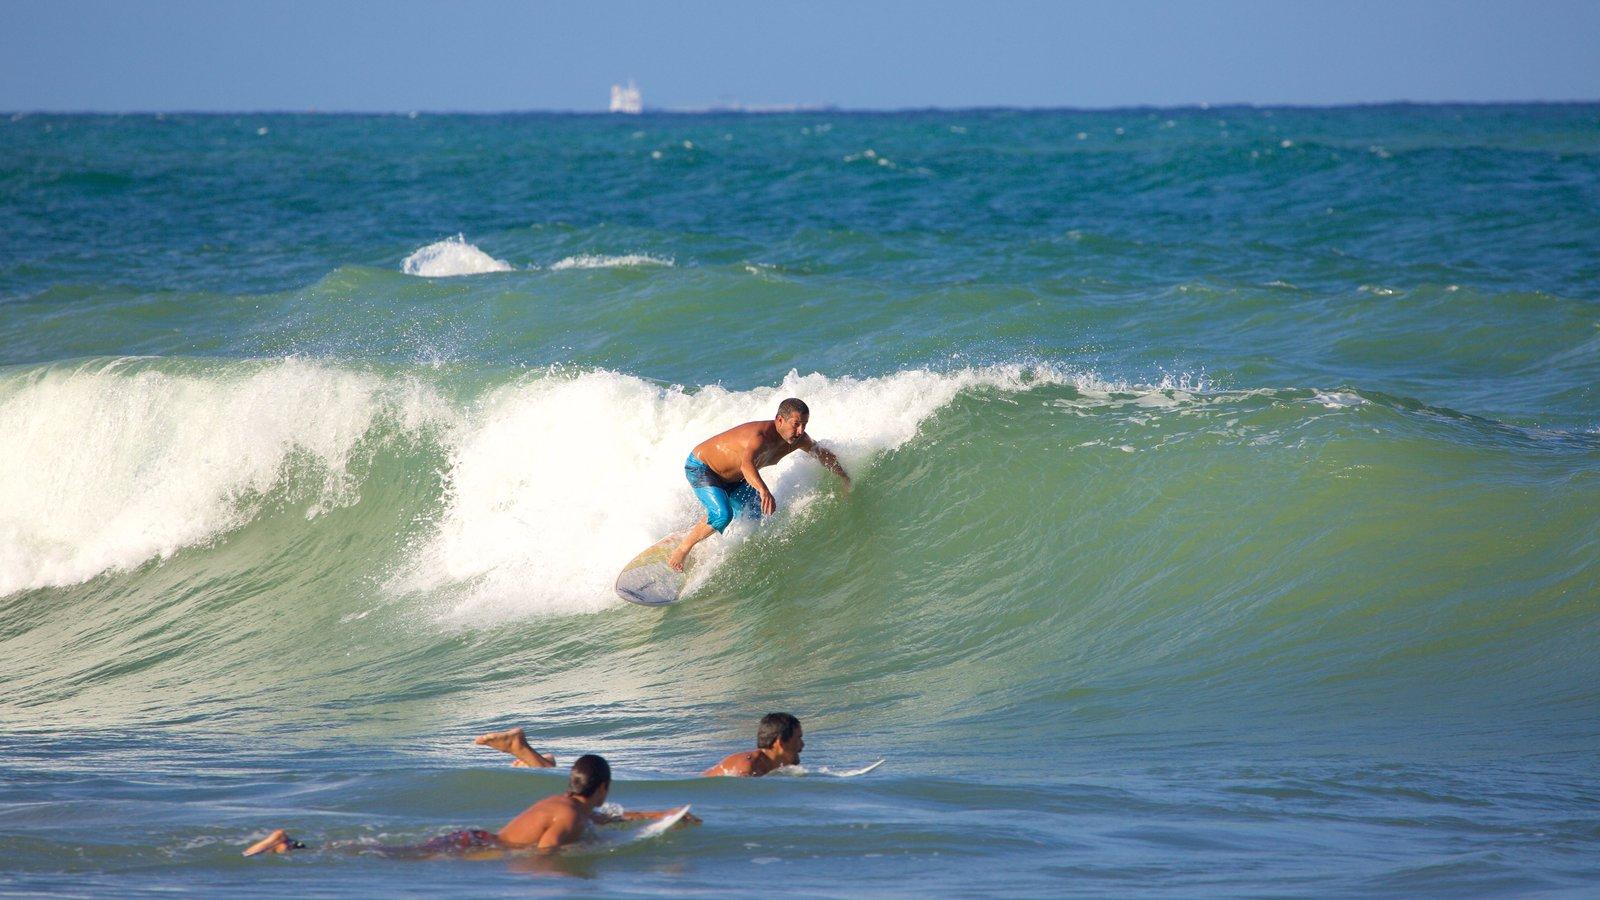 Praia de Maracaípe mostrando surfe, ondas e paisagens litorâneas